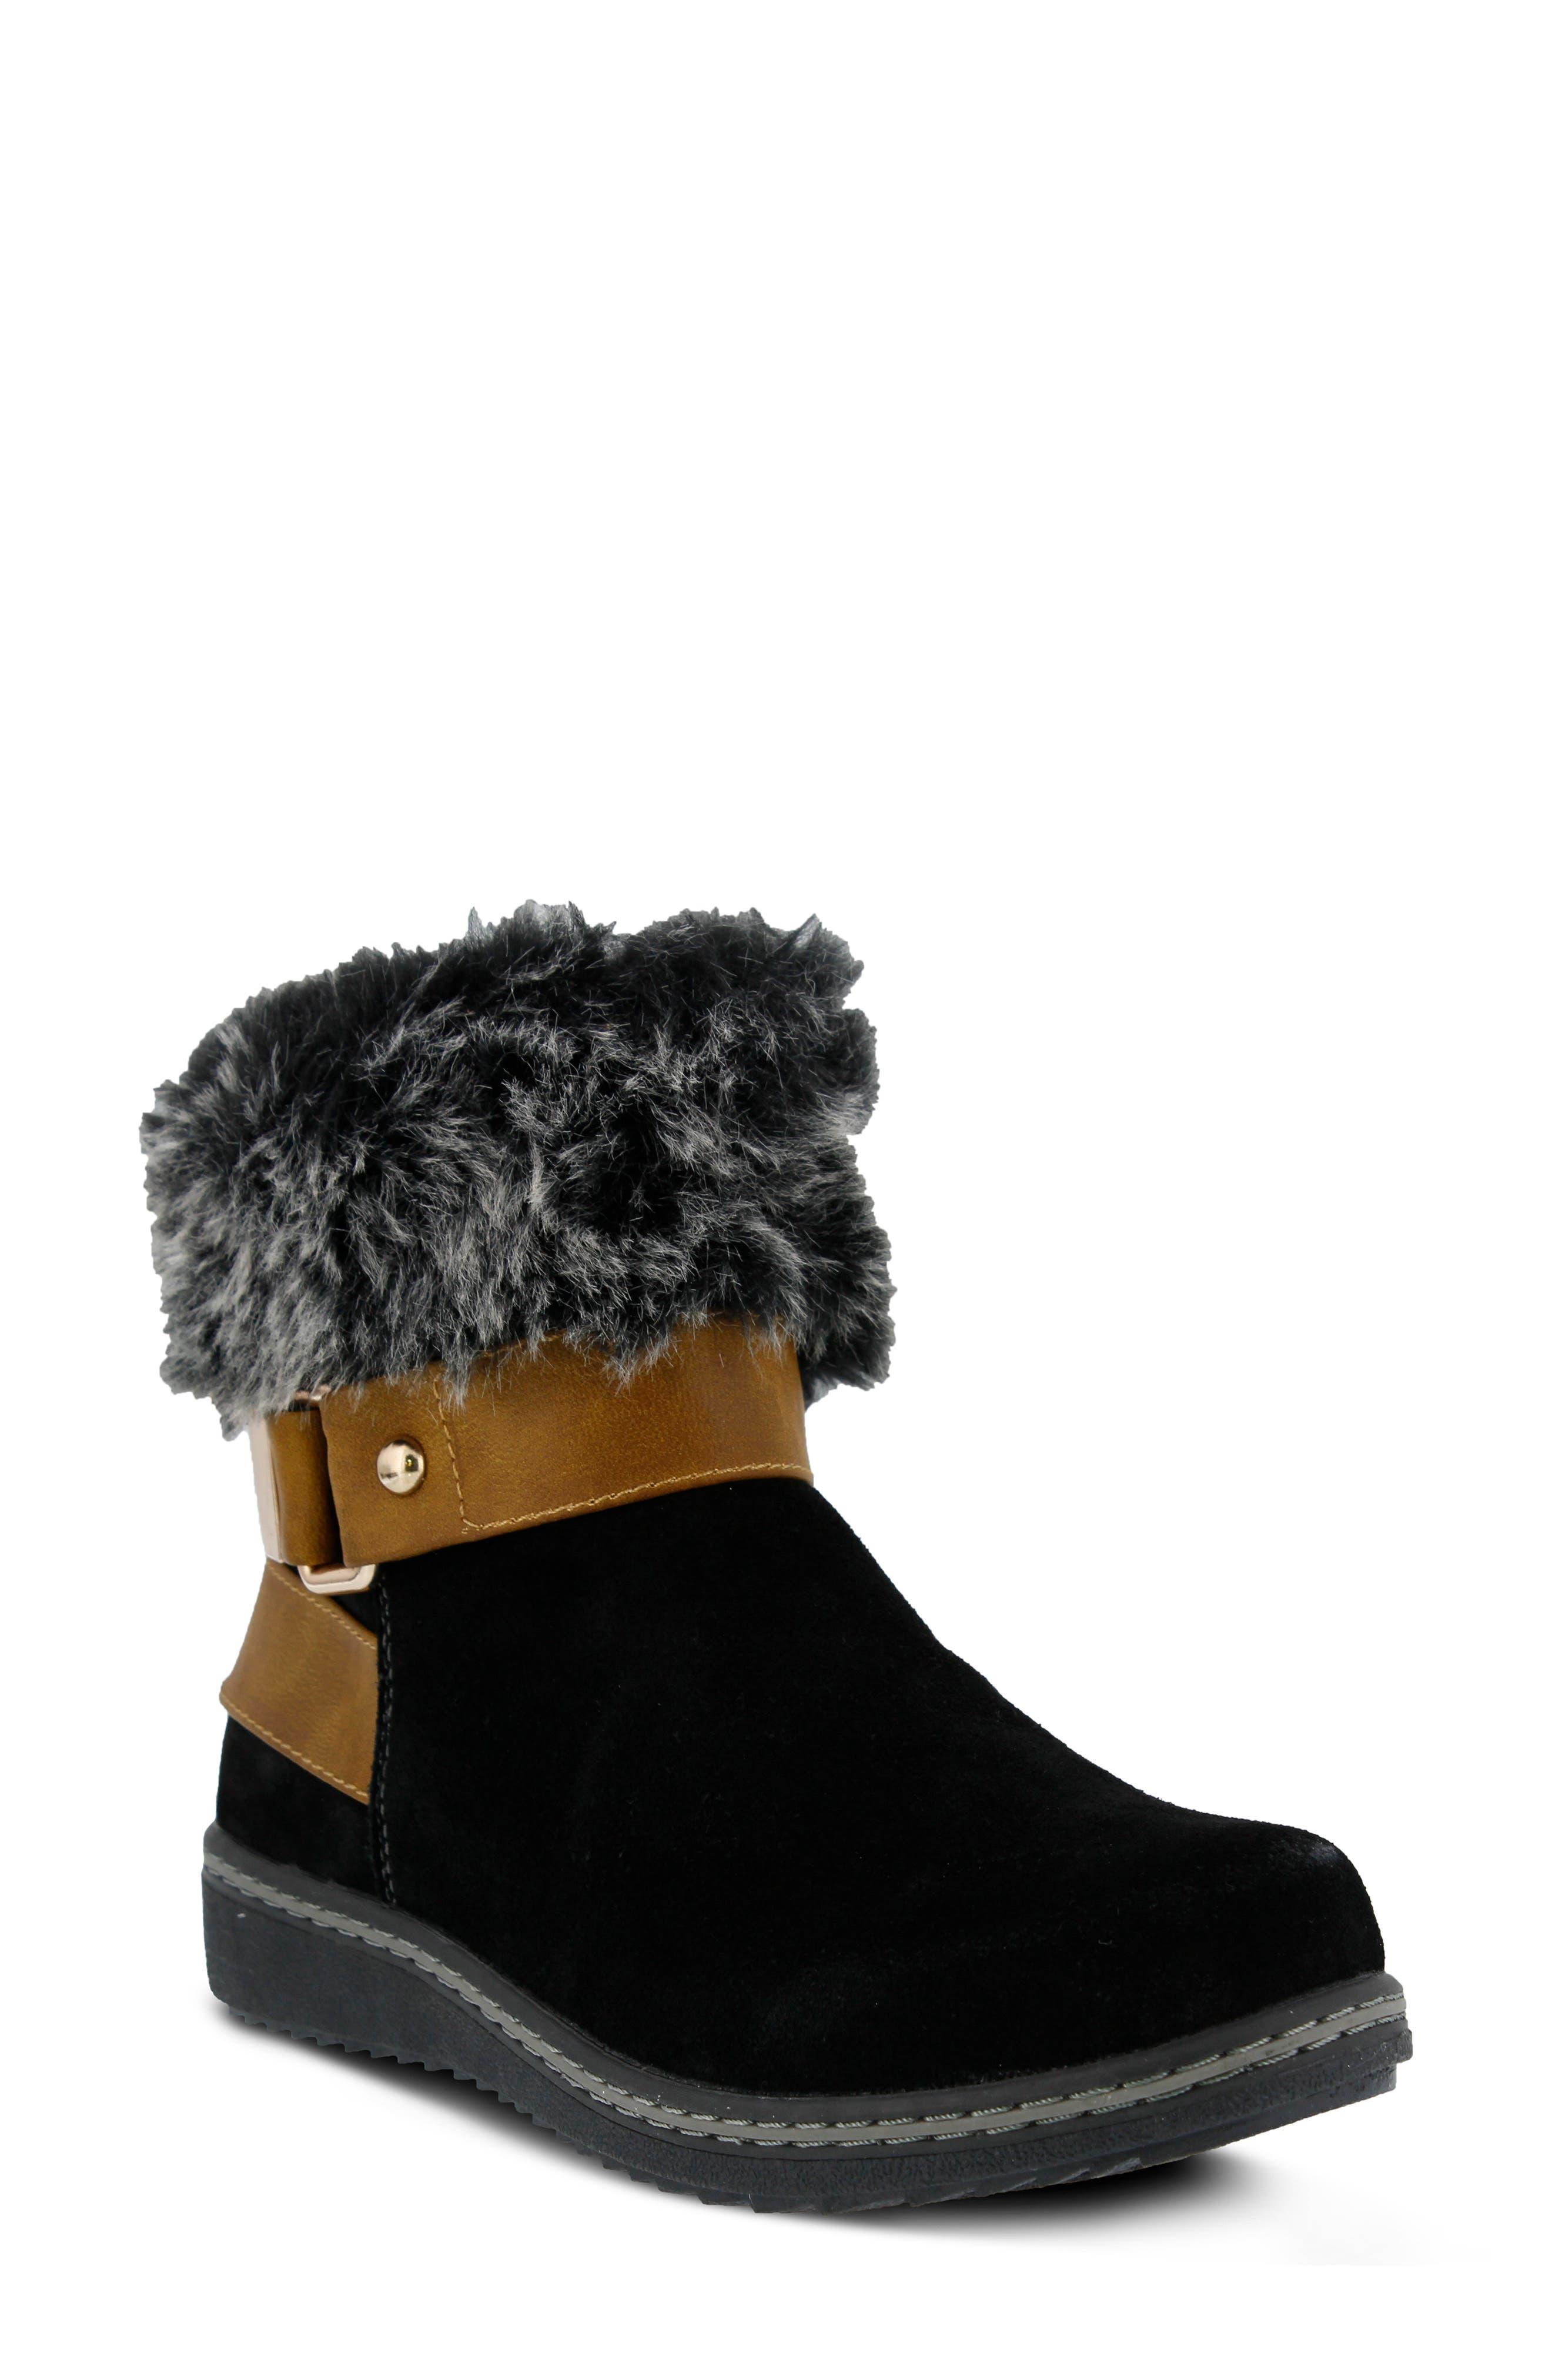 Spring Step Water Resistant Faux Fur Bootie - Black